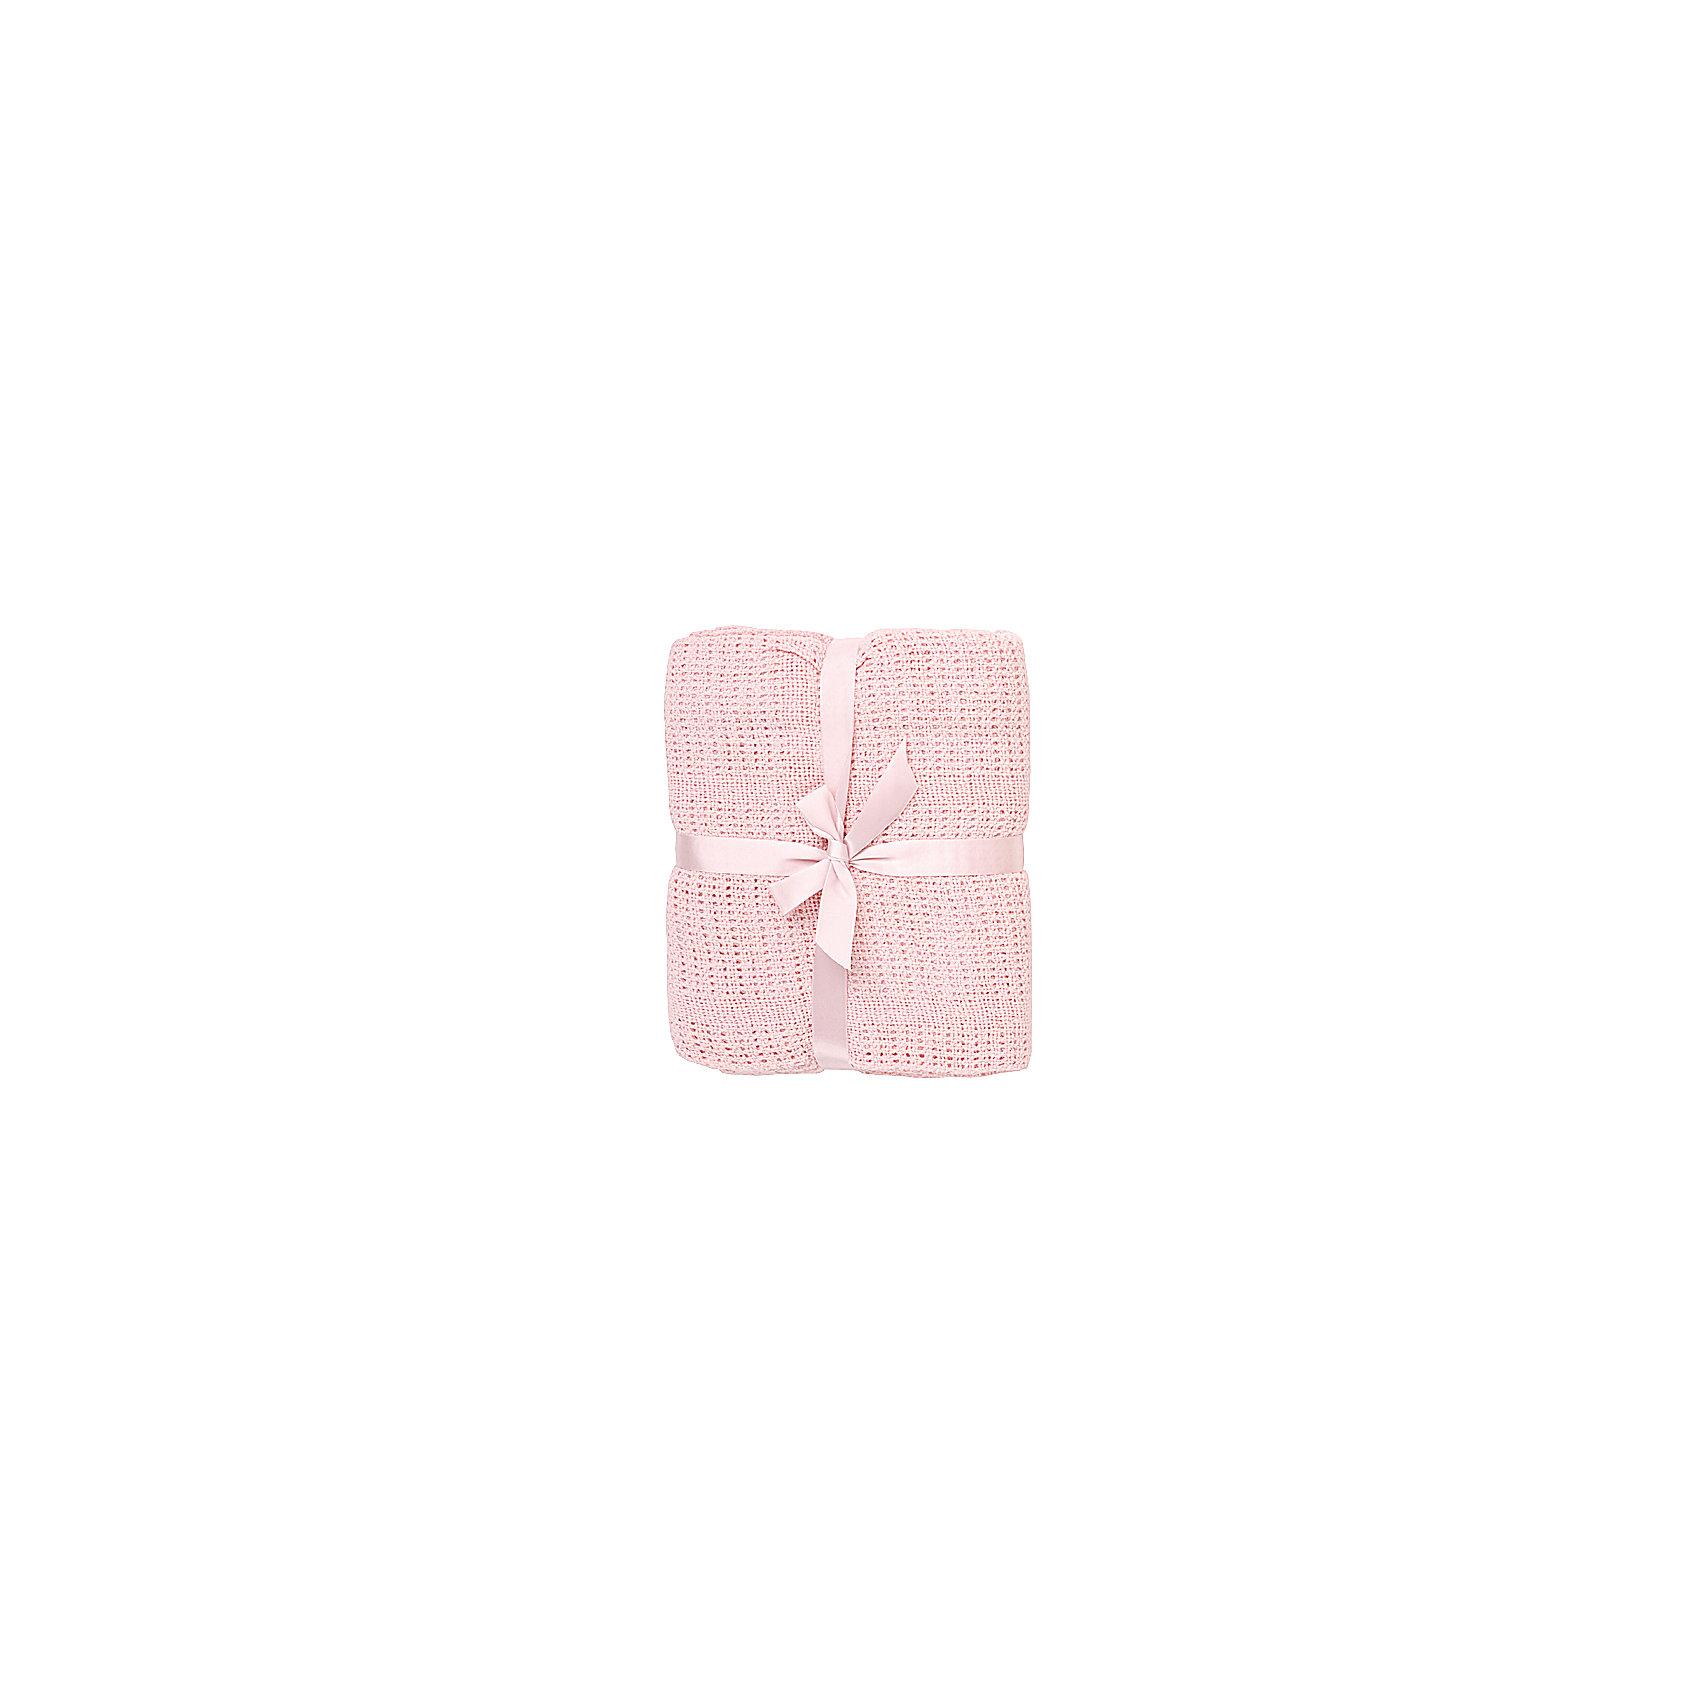 Одеяло детское вязанное 90х120 Baby Nice, розовыйОдеяла, пледы<br>Мягкое вязаное одеяло можно использовать дома или же на улице. Изготовлено из натурального хлопка, прекрасно пропускает воздух и сохраняет тепло, гипоаллергенно. Одеяло имеет нежную расцветку и очень приятно наощупь - идеальный вариант для малышей с самого рождения! <br><br>Дополнительная информация:<br><br>- Материал: хлопок 100%.<br>- Размер: 90х120 см.<br>- Цвет: розовый.<br><br>Одеяло детское вязаное 90х120 Baby Nice (Беби Найс), розовое, можно купить в нашем магазине.<br><br>Ширина мм: 20<br>Глубина мм: 5<br>Высота мм: 20<br>Вес г: 400<br>Возраст от месяцев: 0<br>Возраст до месяцев: 60<br>Пол: Женский<br>Возраст: Детский<br>SKU: 4058276